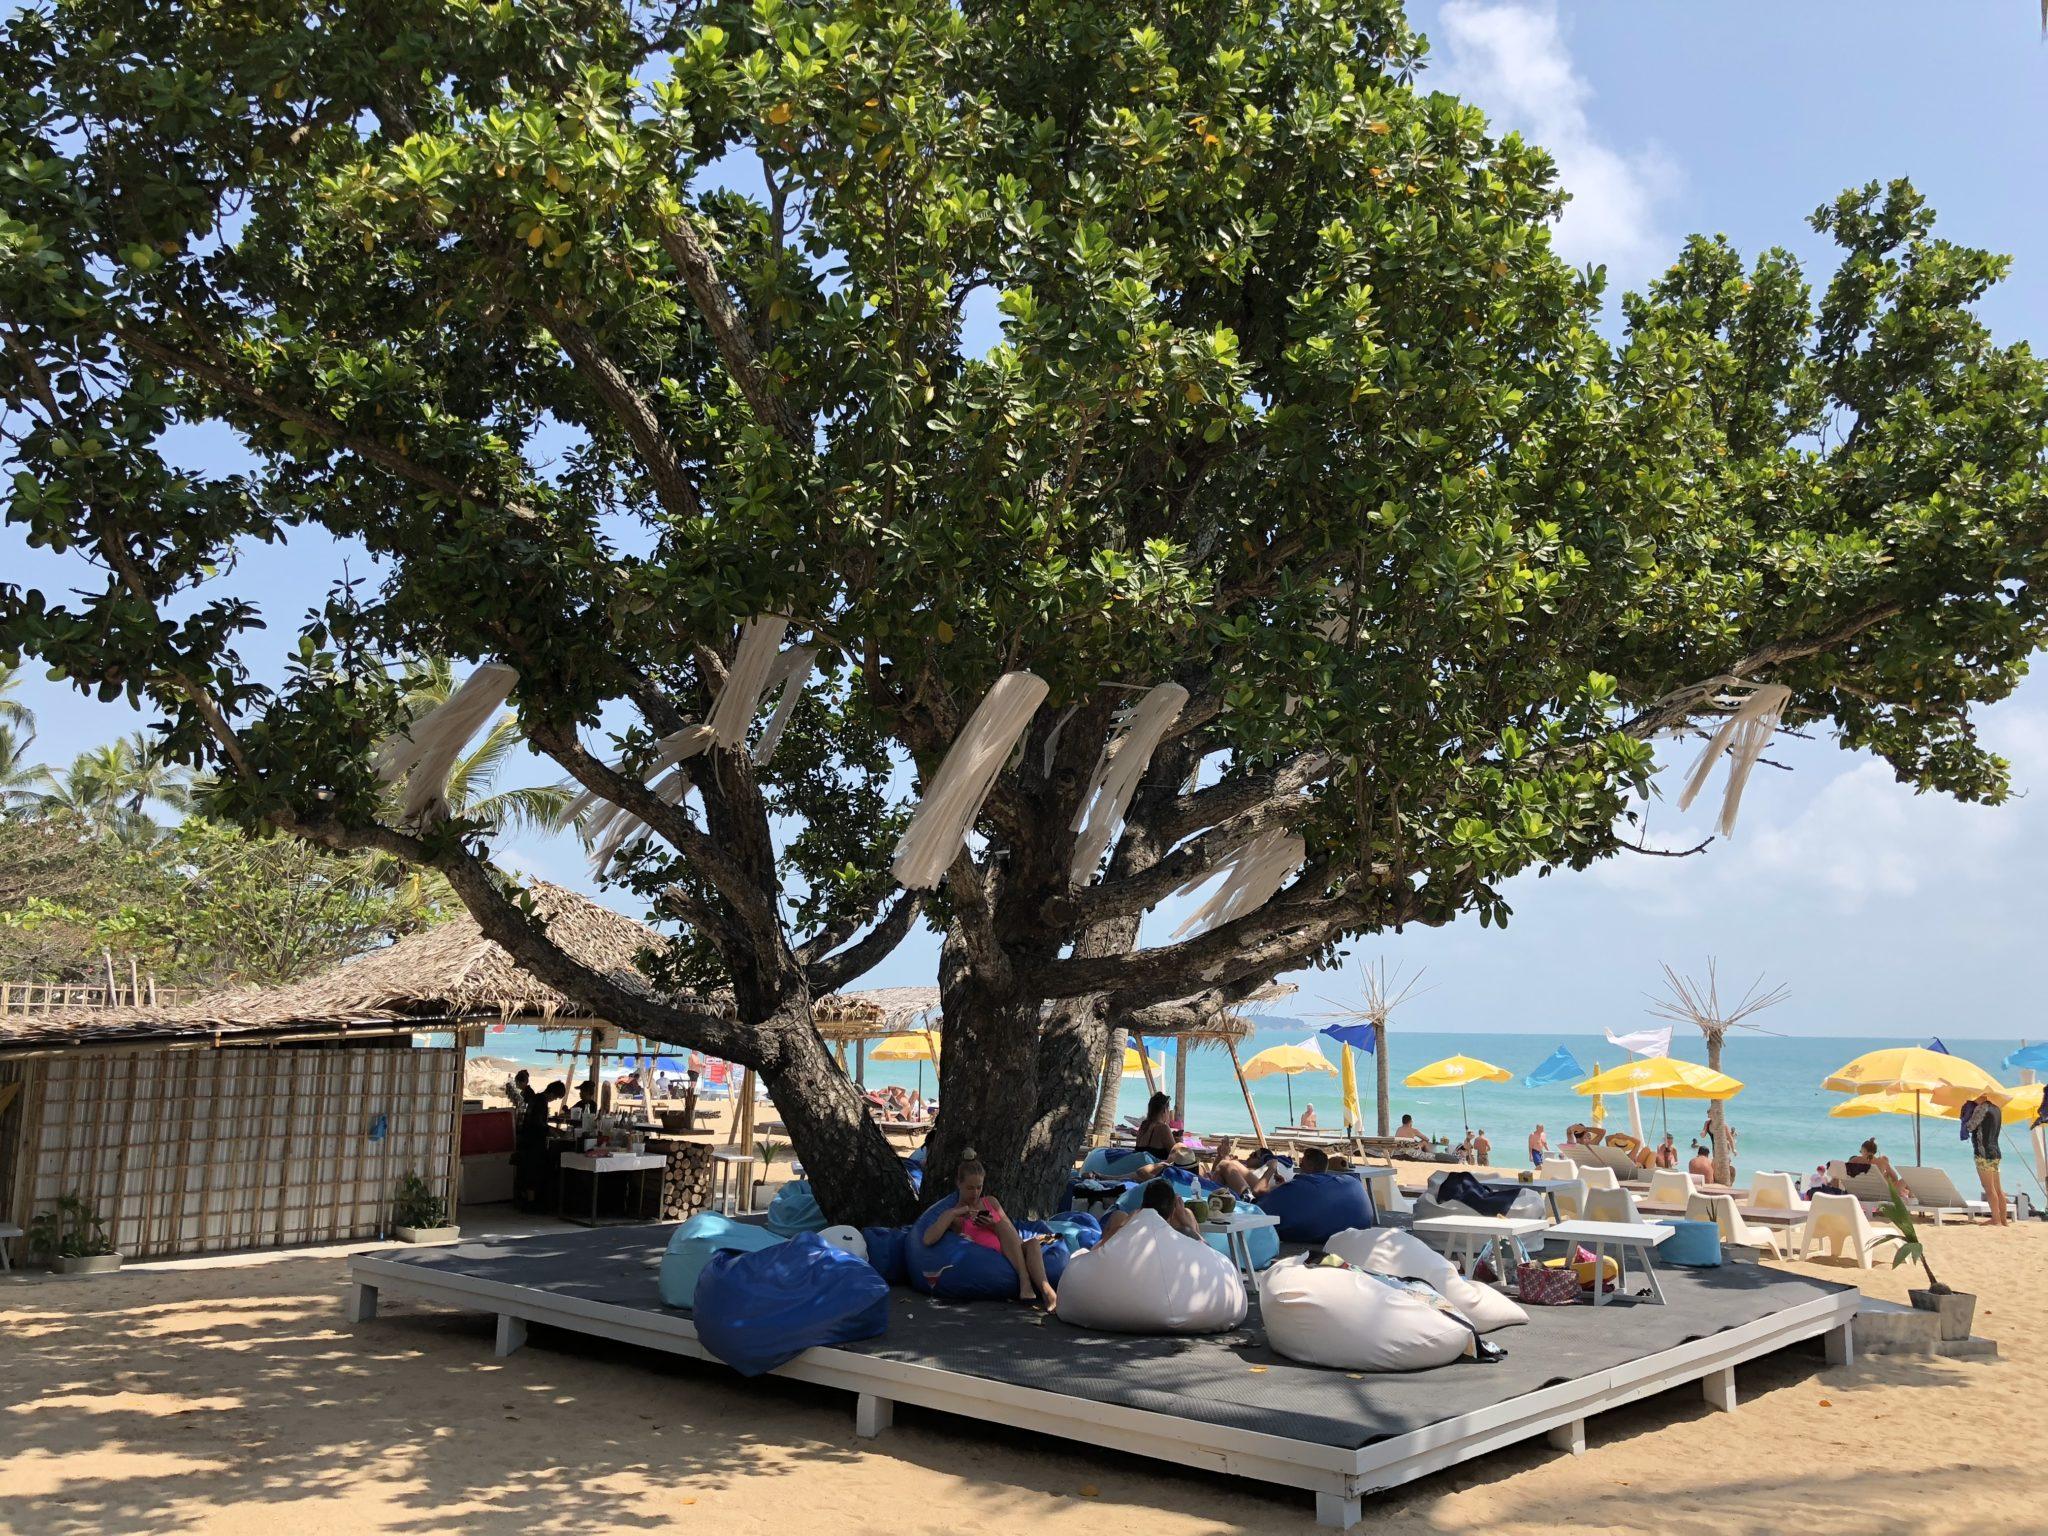 Chaweng noi beach, Чавенг ной пляж